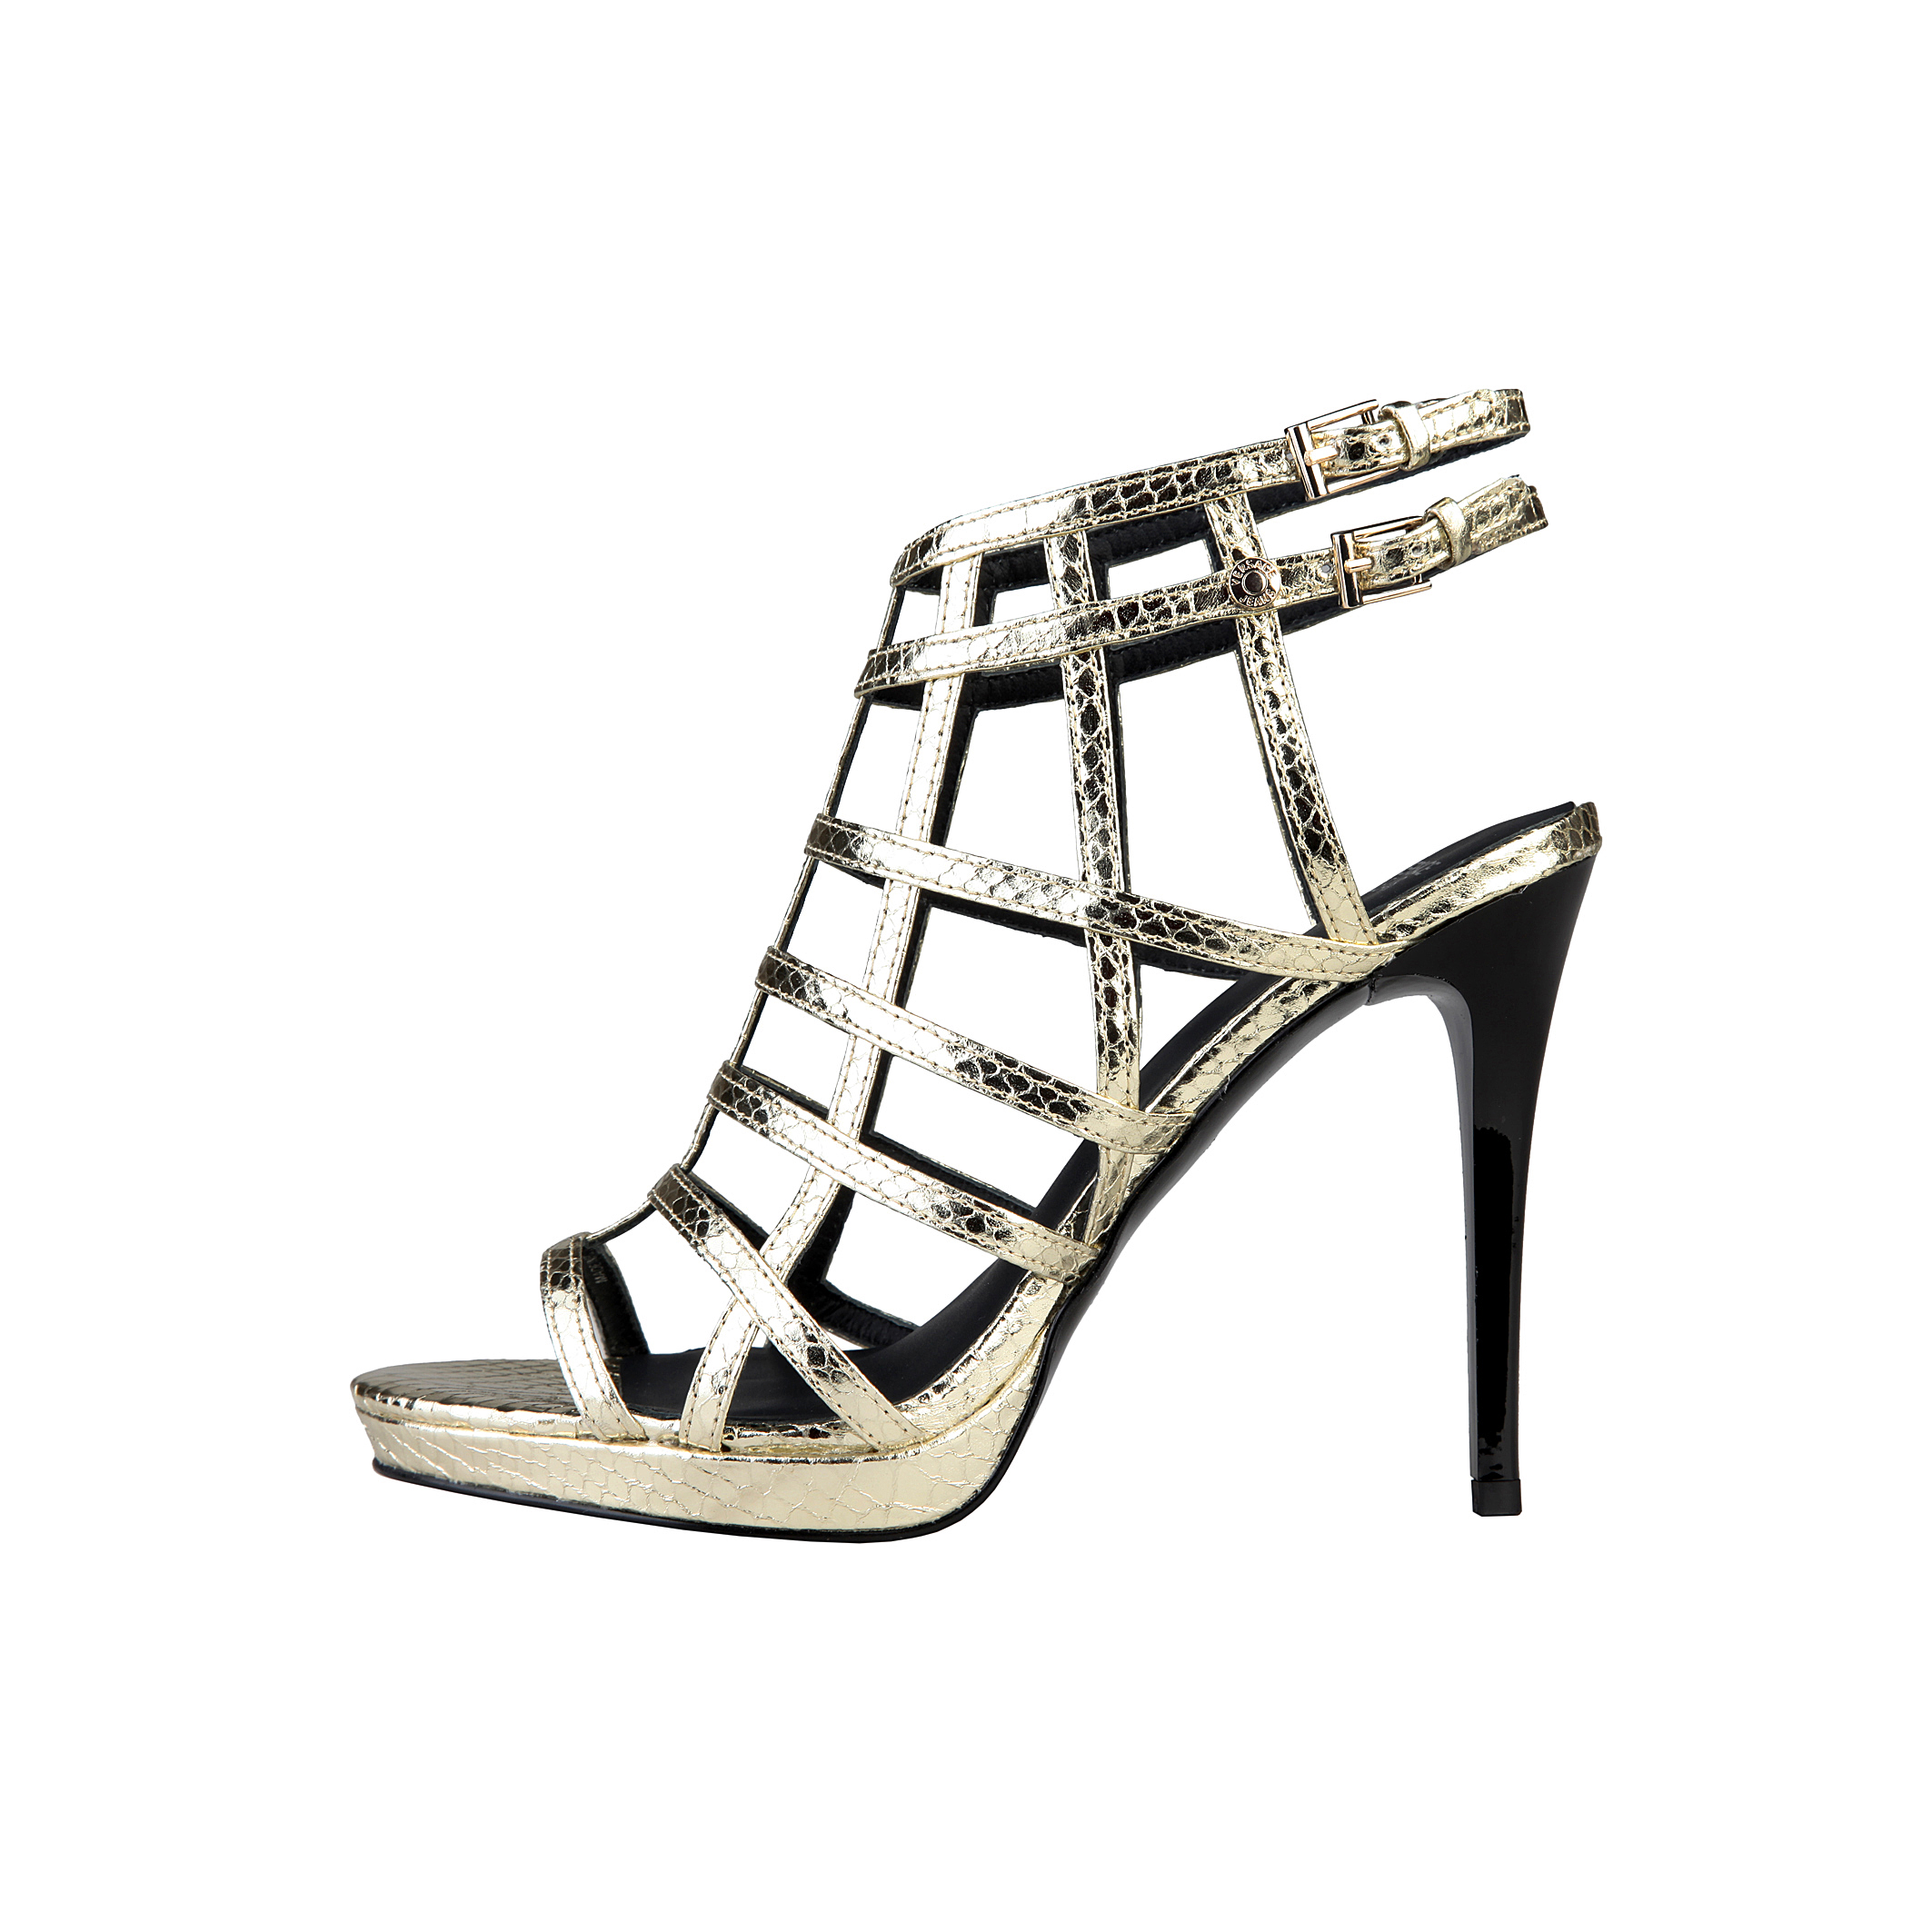 Versace Jeans  - Zapatos para mujer  - Sandalia con cierre lateral con hebilla -100% PU pitón  - Pl